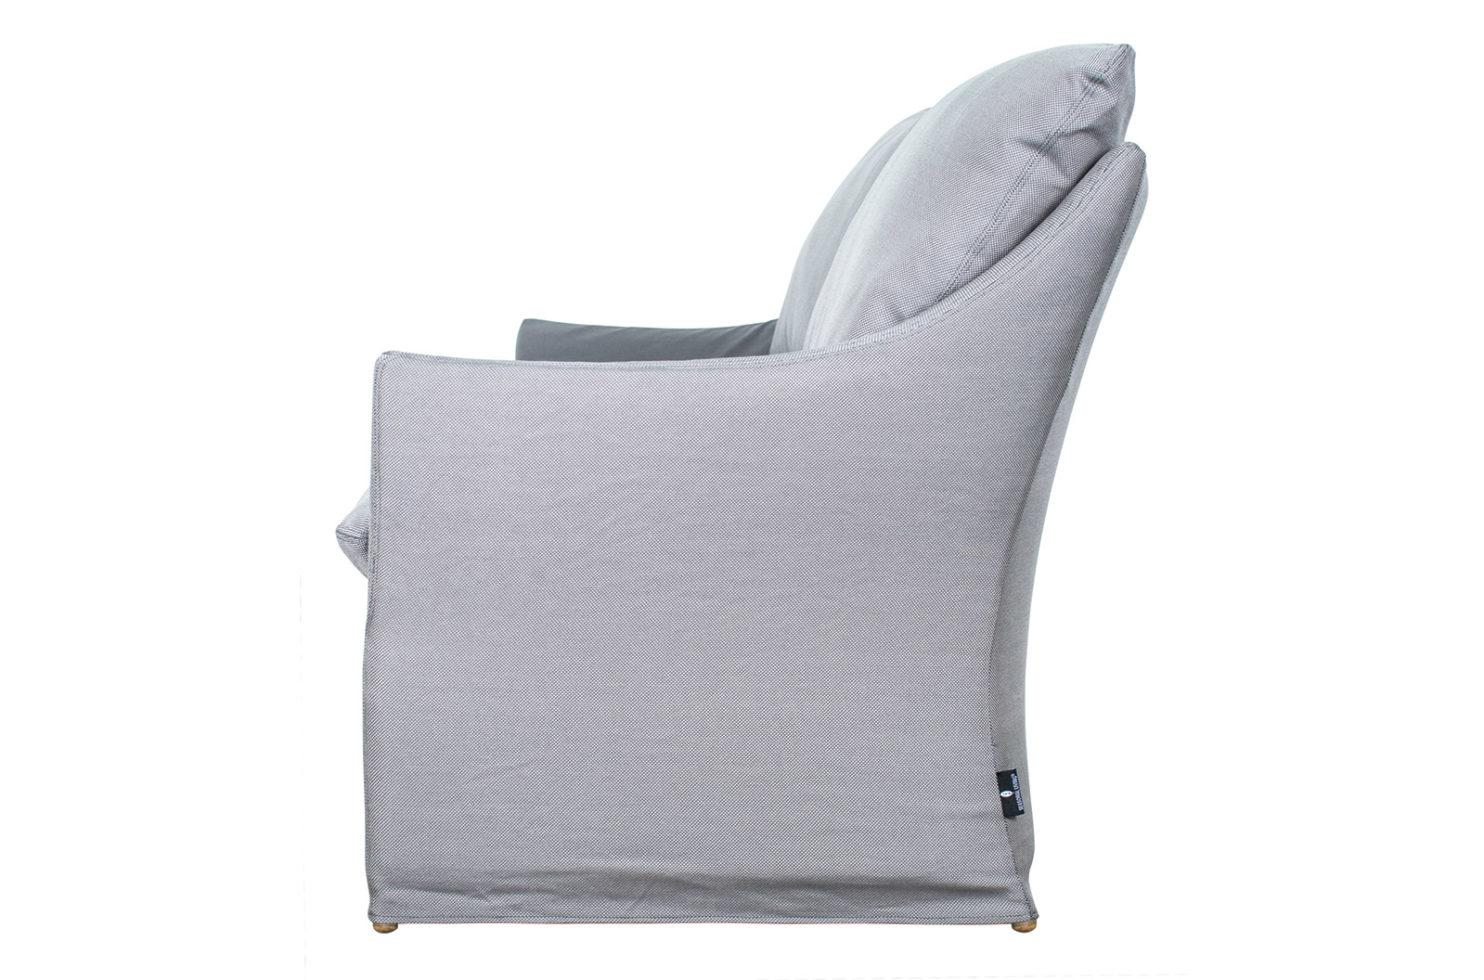 capri sofa 620FT094FC G 1 side